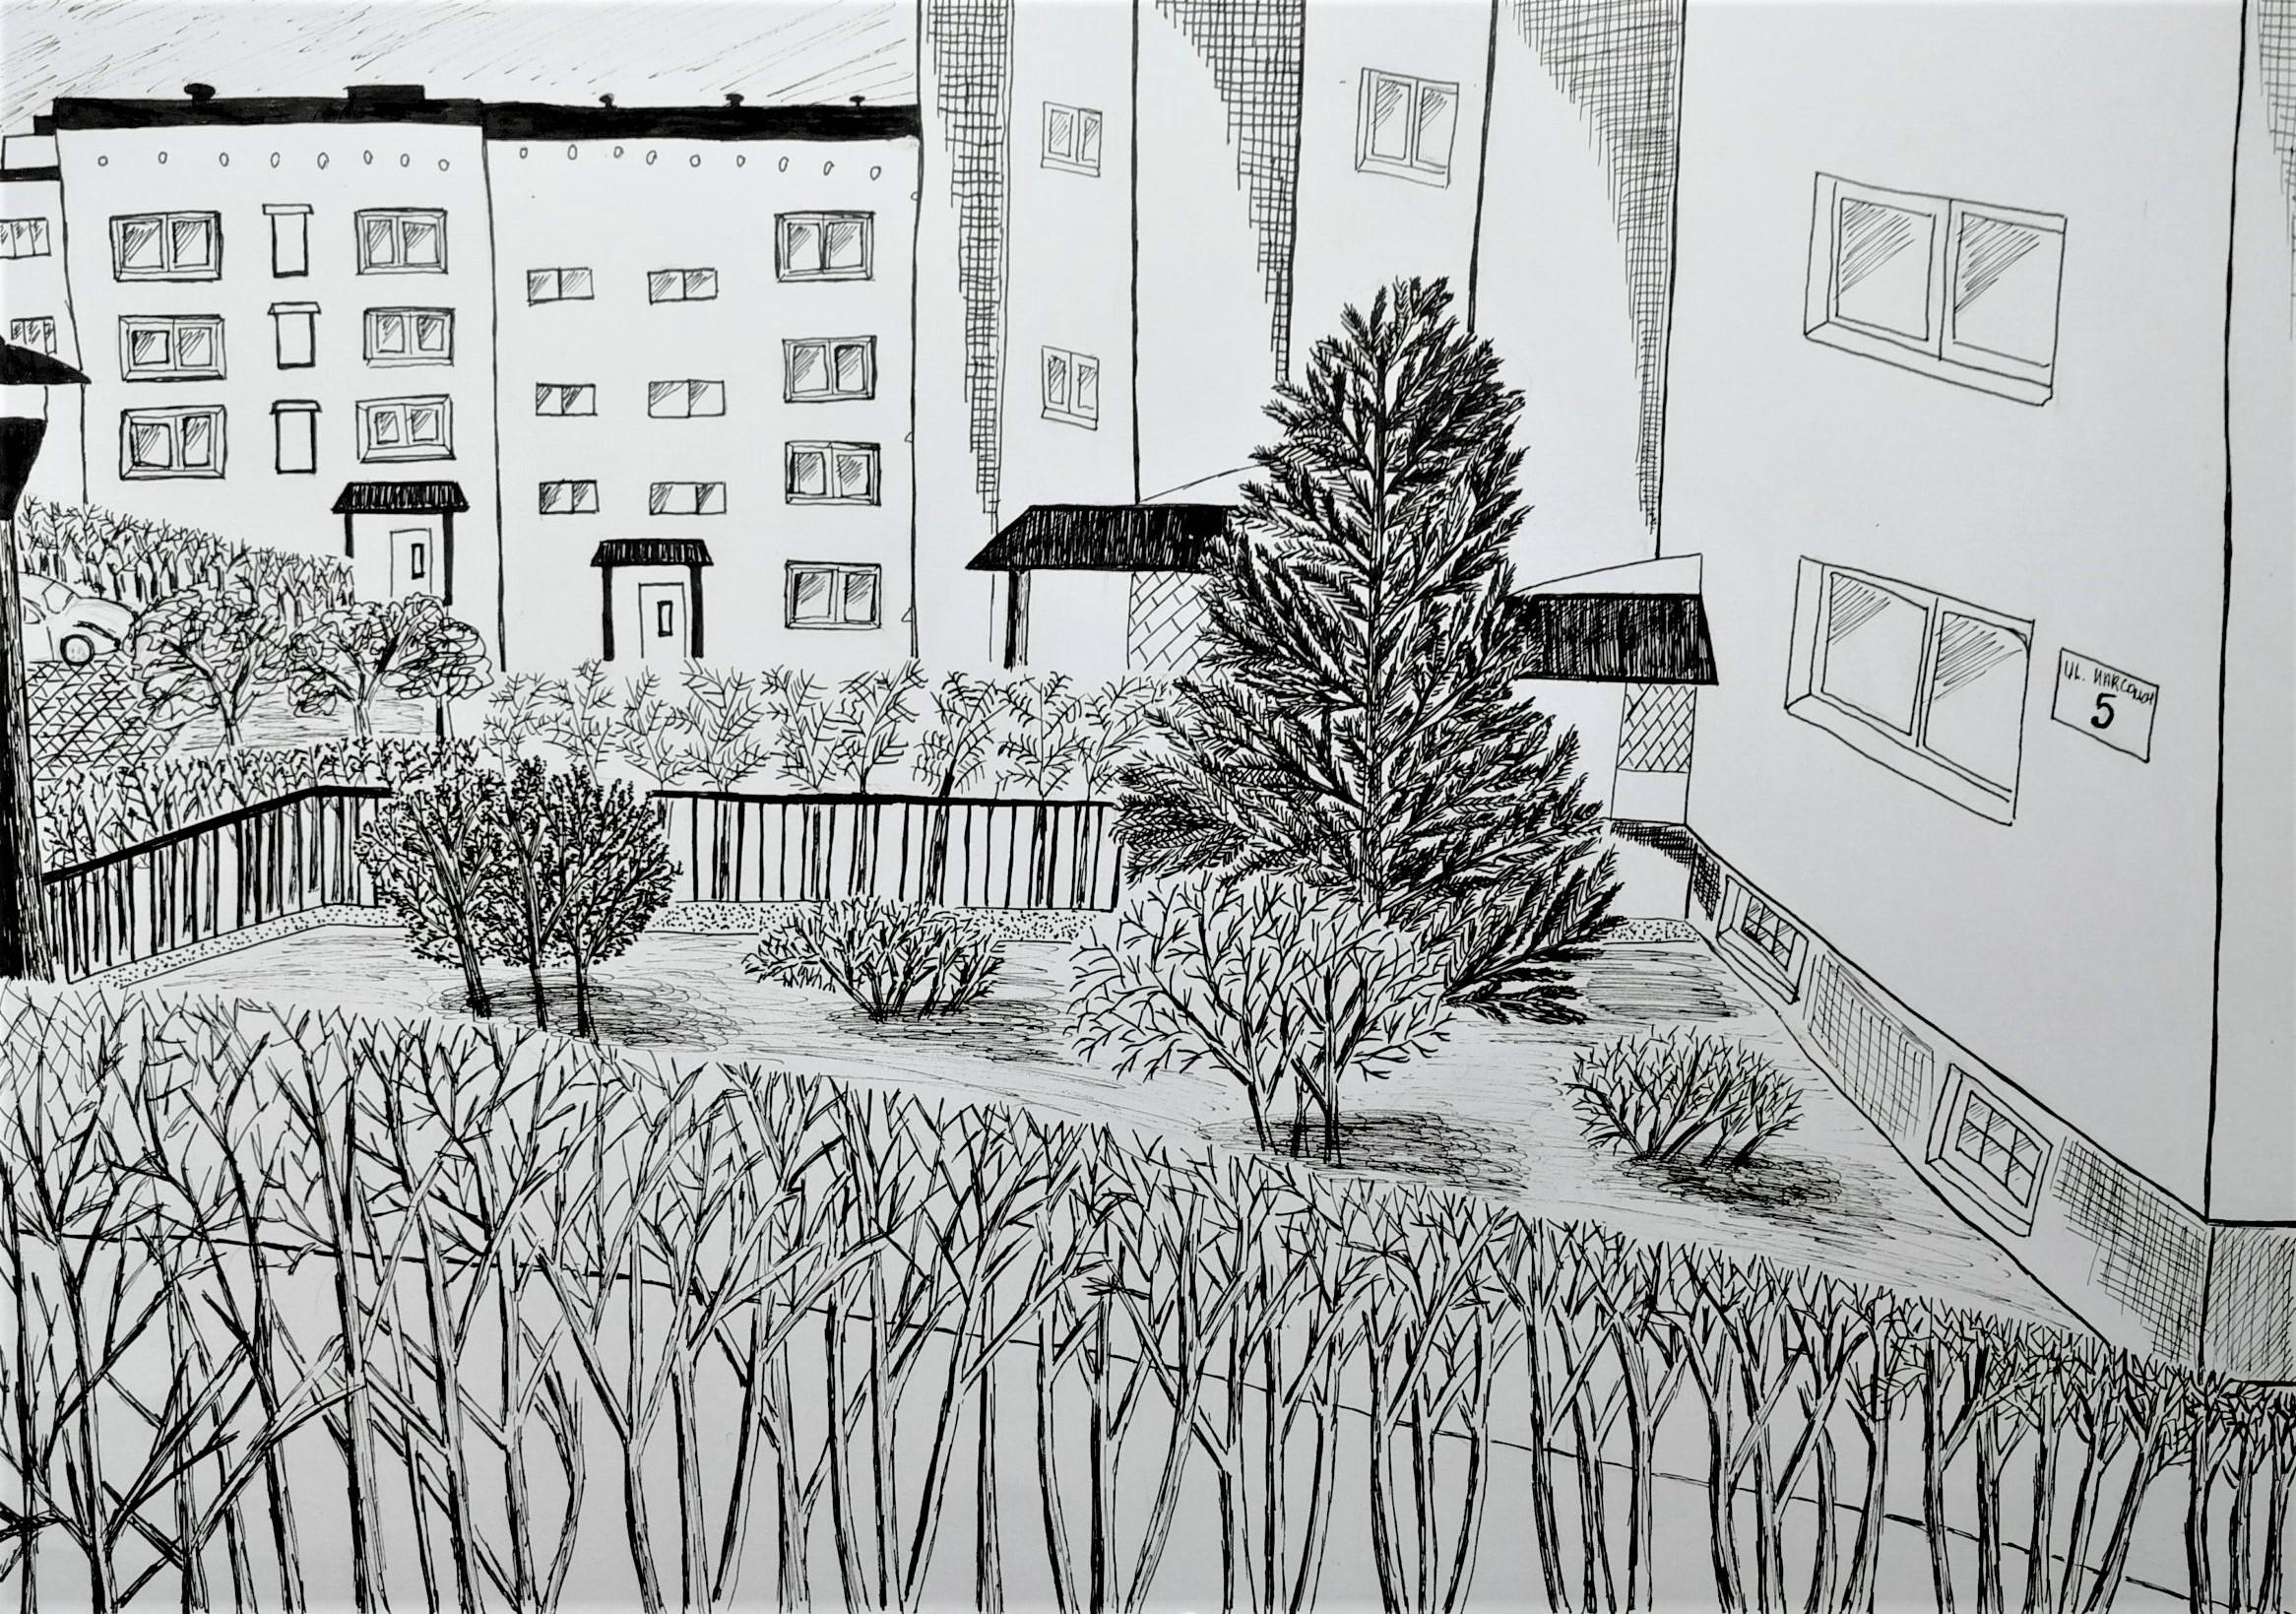 Filip Ścibisz, 13 lat, Szkoła Podstawowa nr 300, Widok-z-okna-1